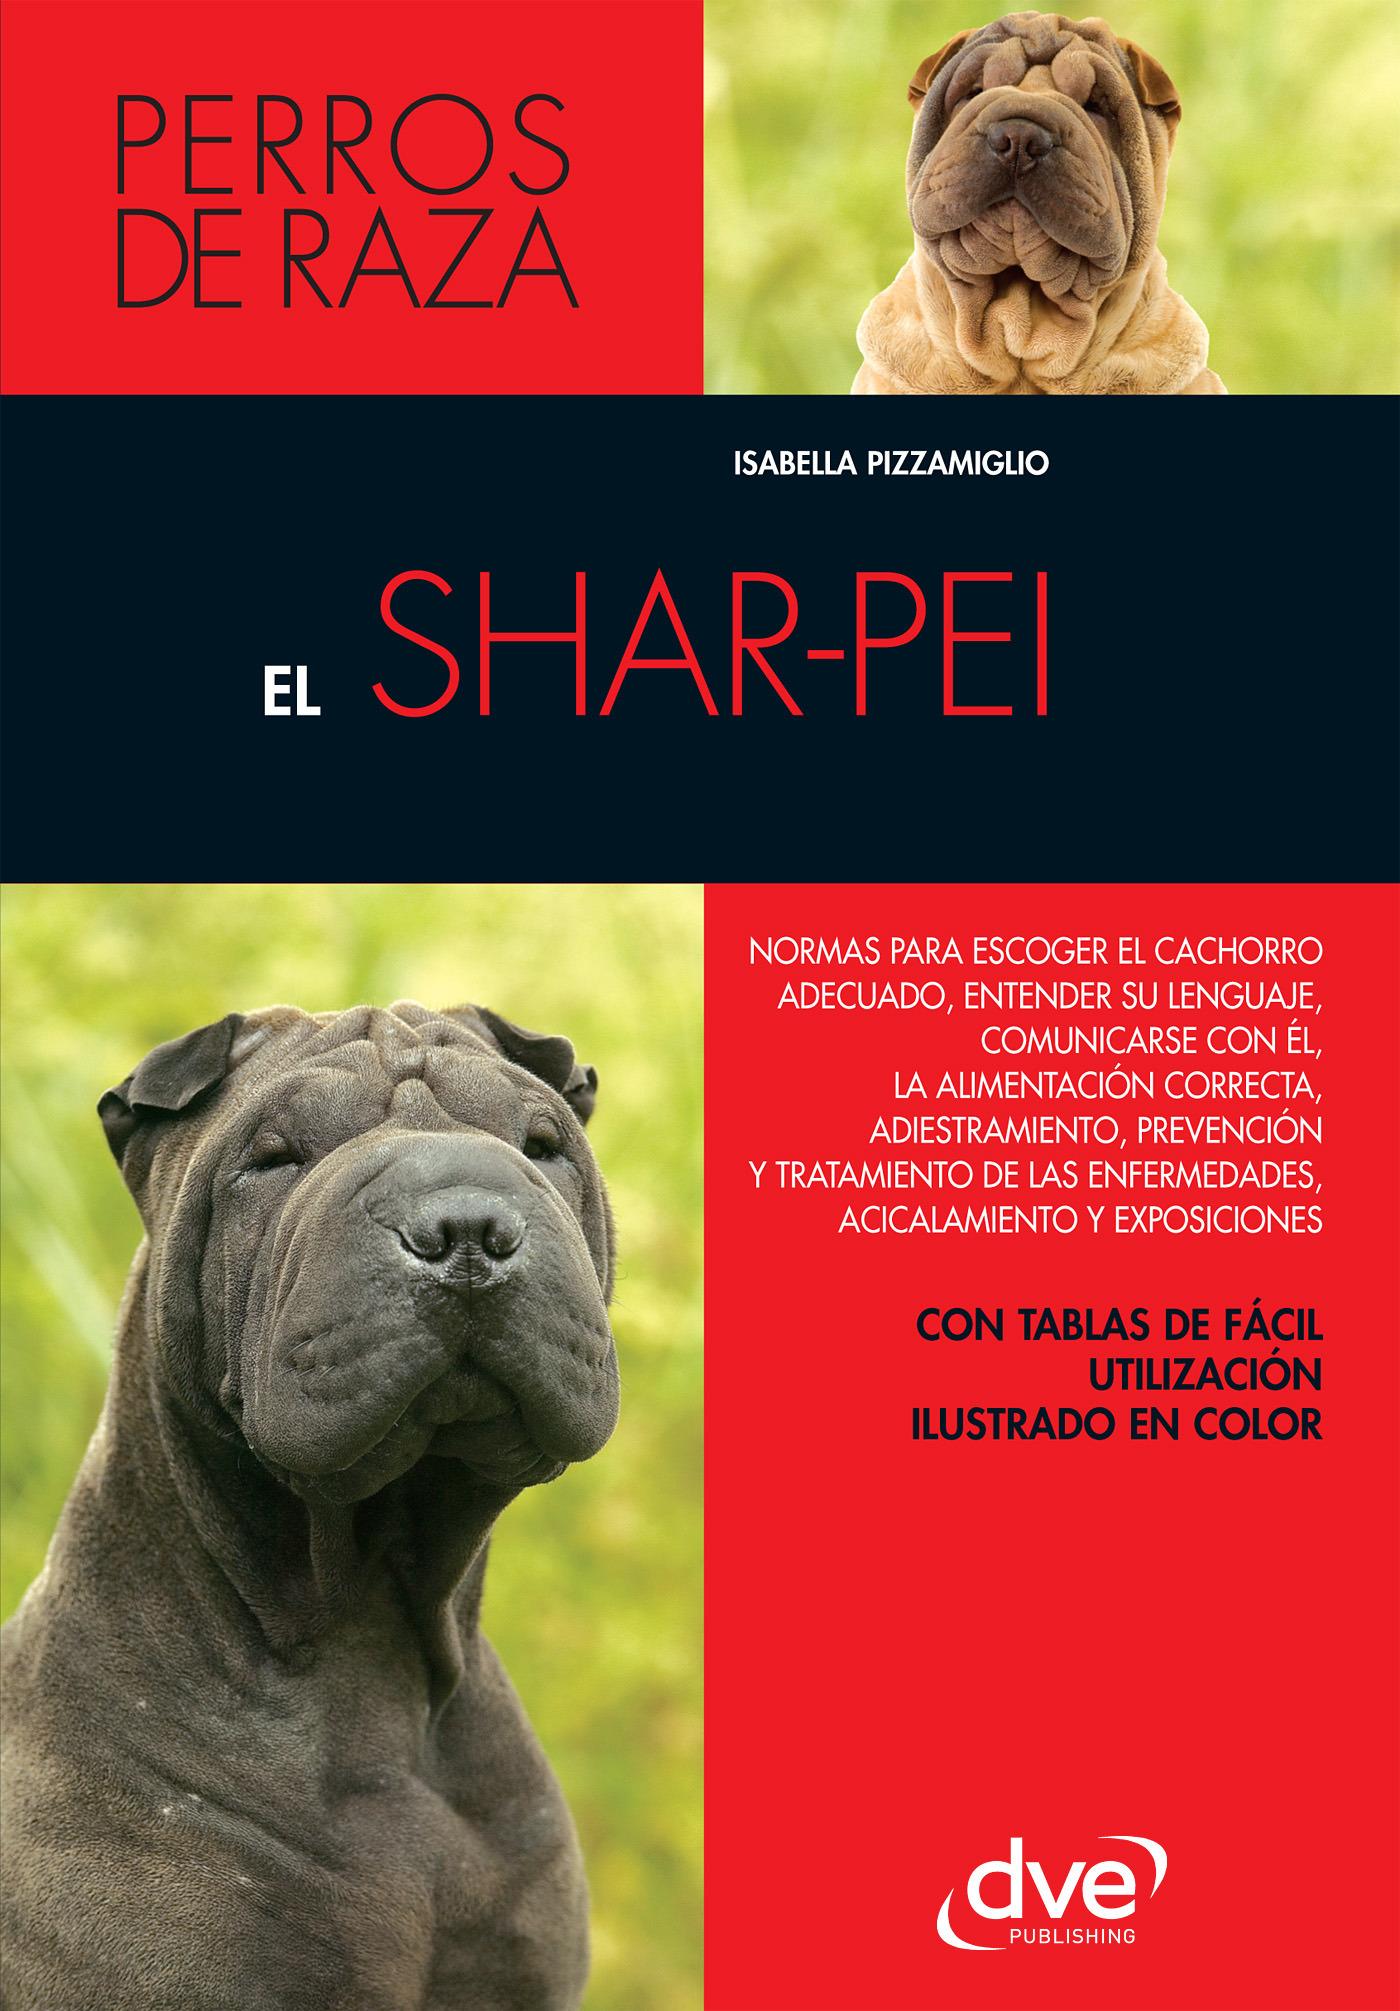 Pizzamiglio, Isabella - El shar-pei: Normas para escoger el cachorro adecuado, entender su lenguaje, adiestramiento, prevención y tratamiento de las enfermedades, acicalamiento, ebook